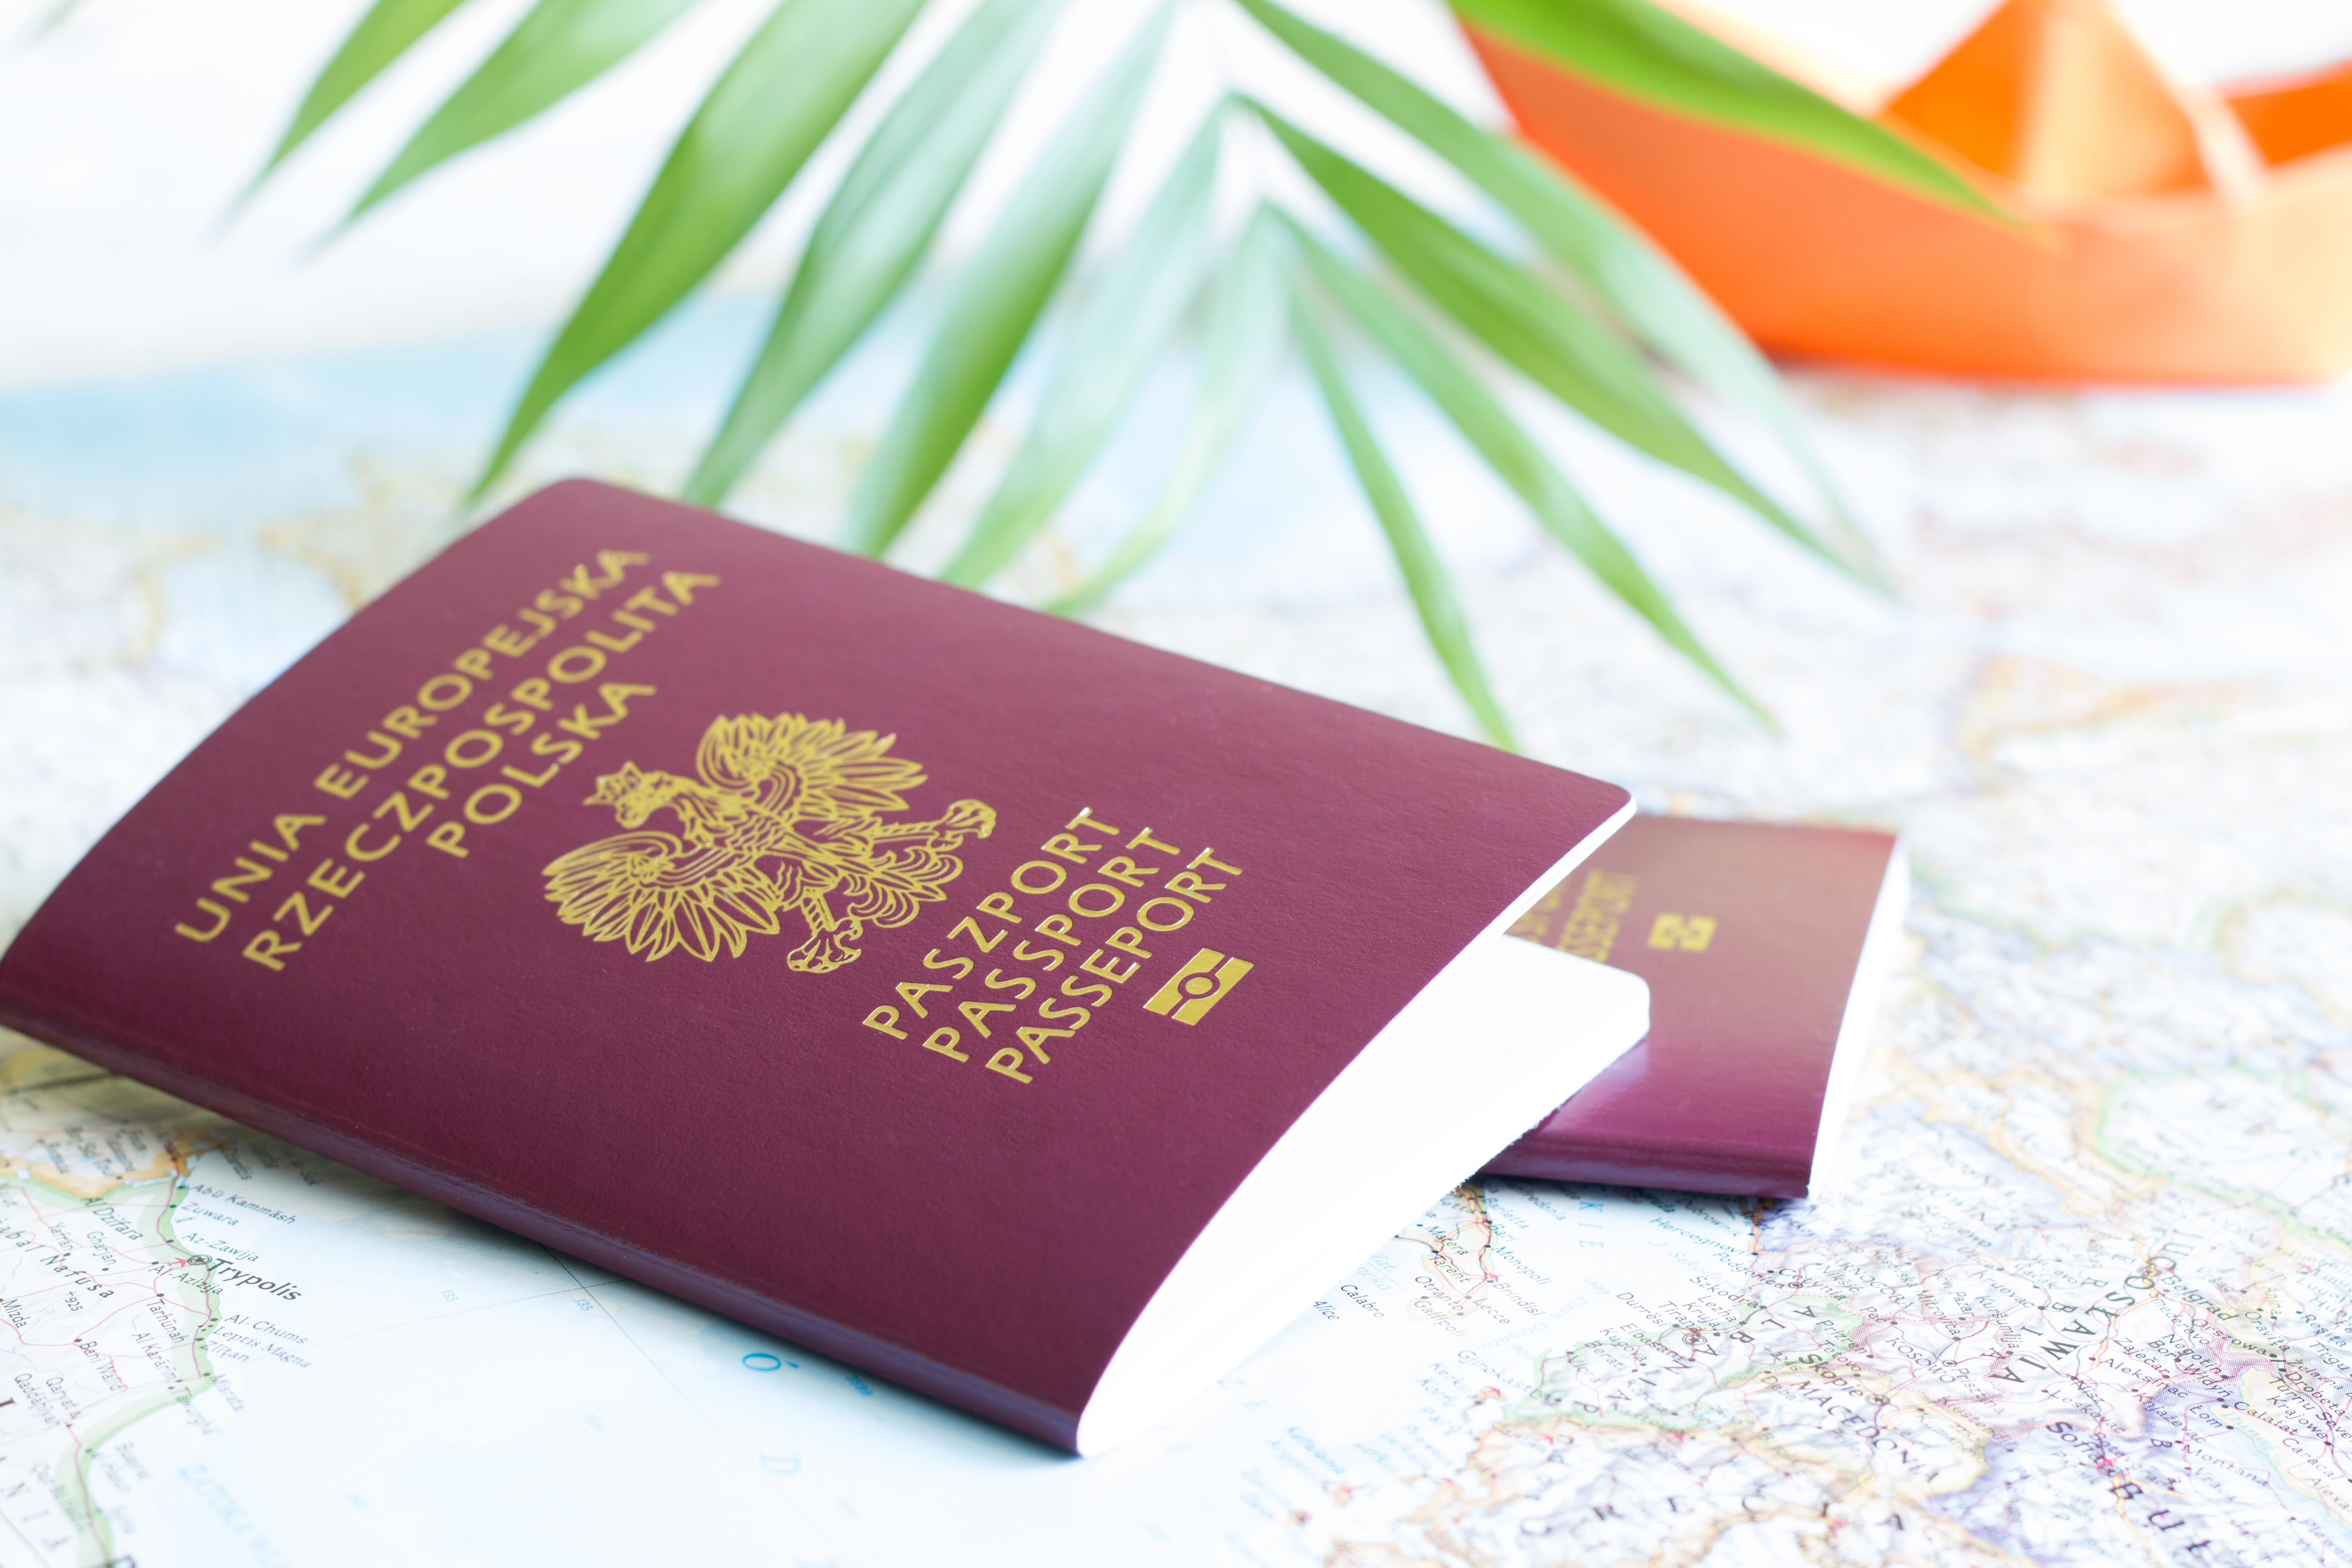 Польский паспорт, который можно получить согласно отзывам